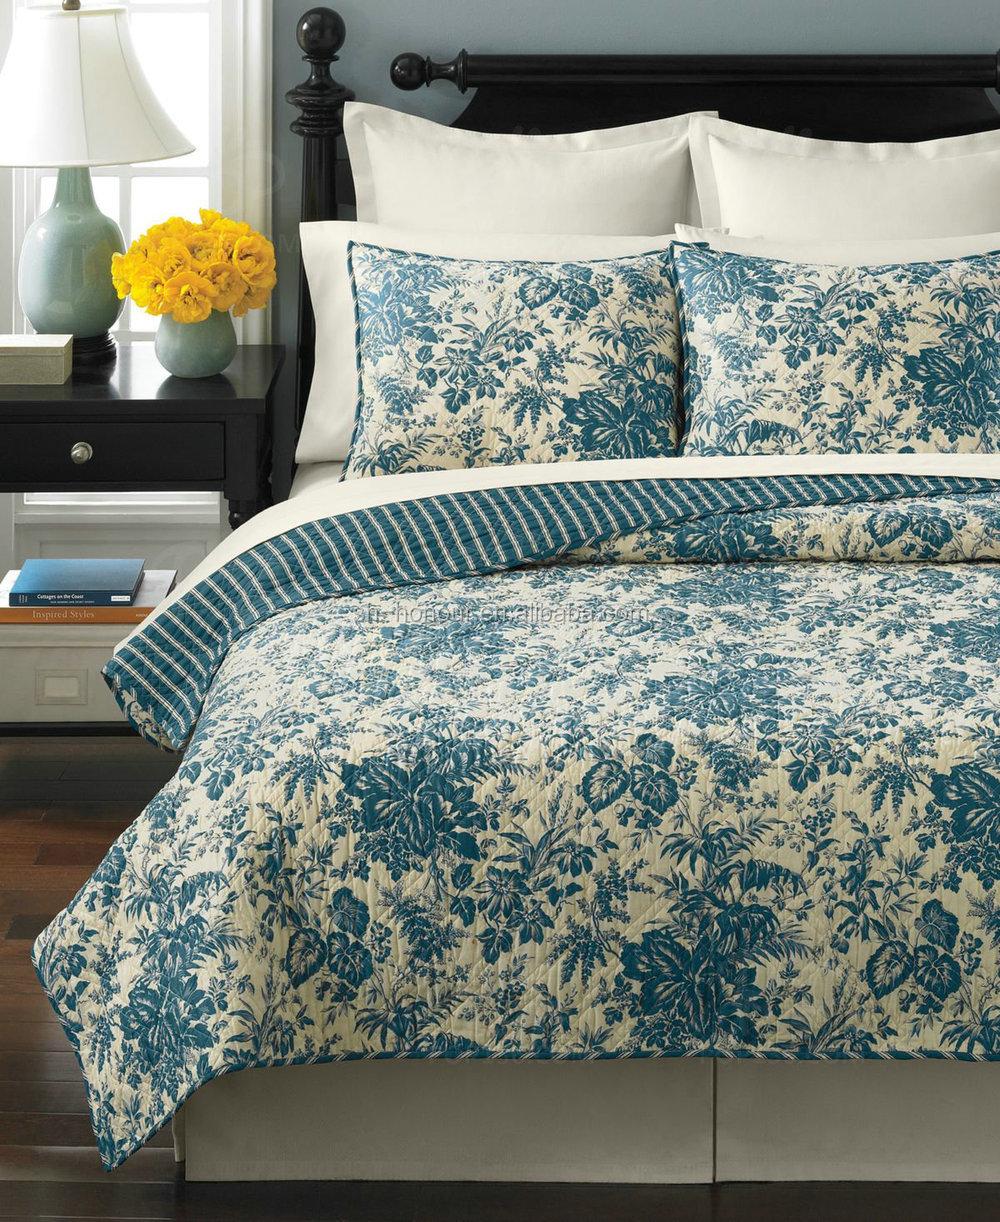 couvre lit et couette Turque De Mariage Couvre lit Couette Et Rideau De Luxe   Buy  couvre lit et couette